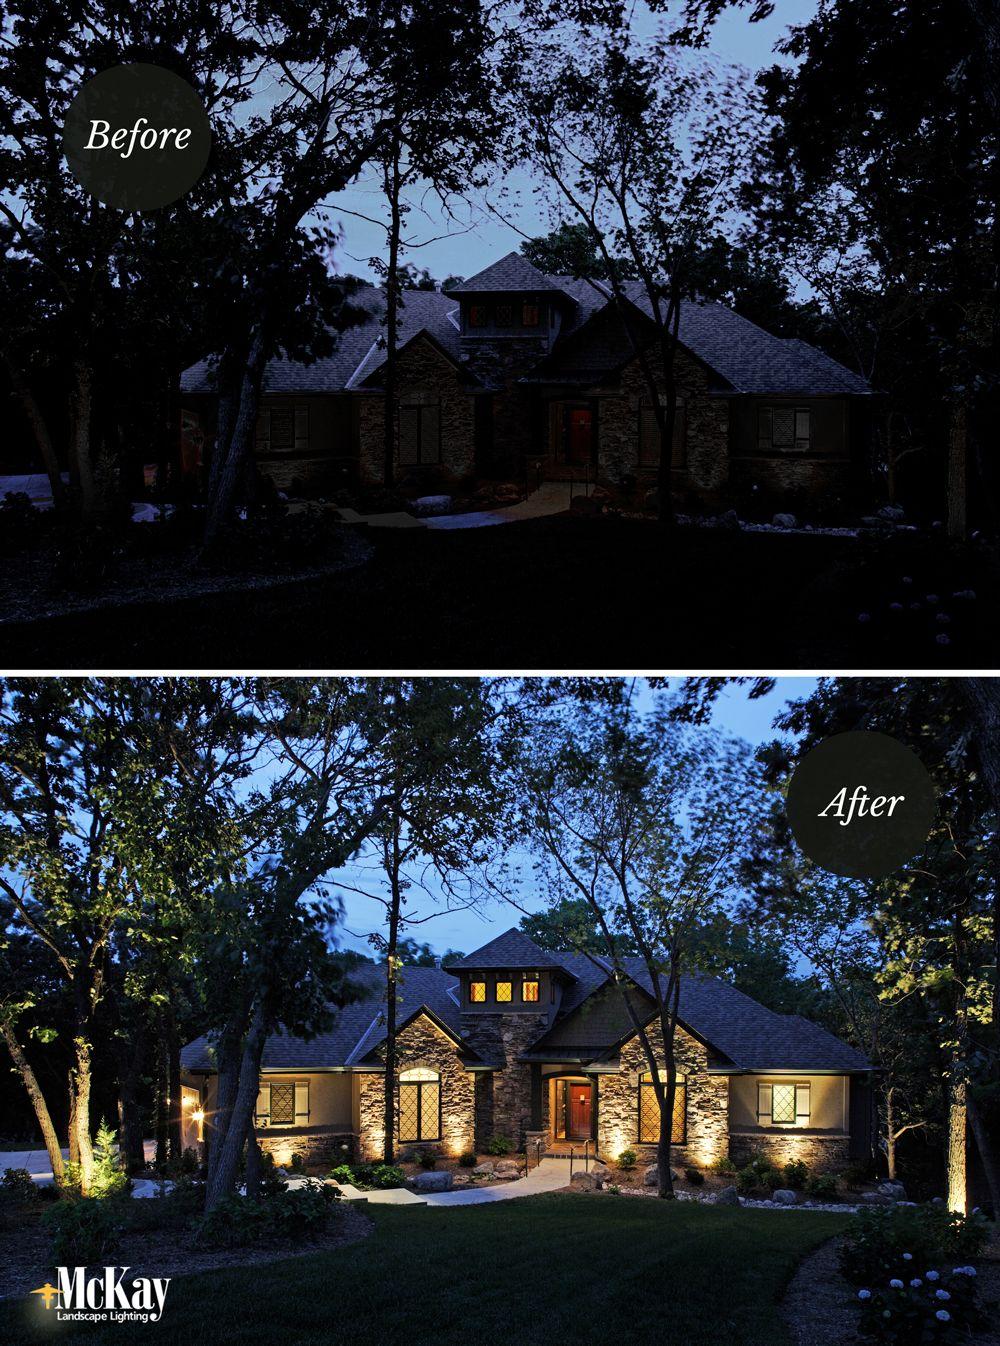 Landscape Lighting Before After Exterior Lighting Landscape Lighting Ideas Front Yards Outdoor Landscape Lighting